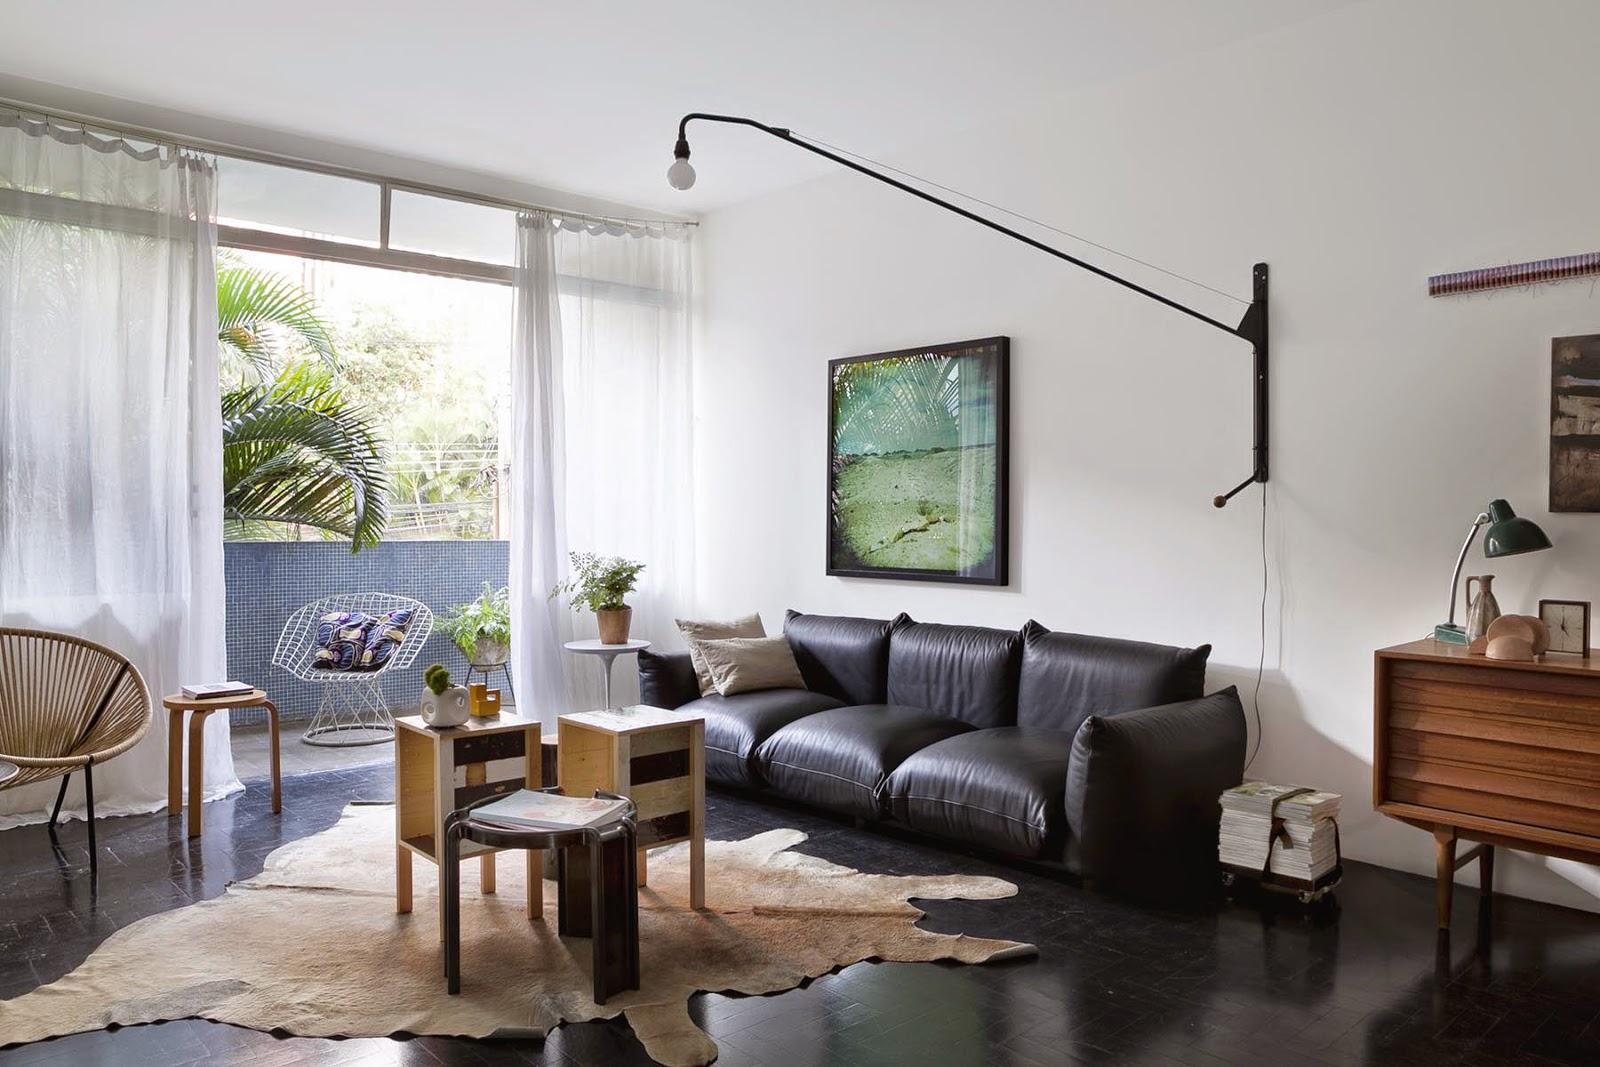 Die wohngalerie: mit leichtigkeit in sao paulo eingerichtet!